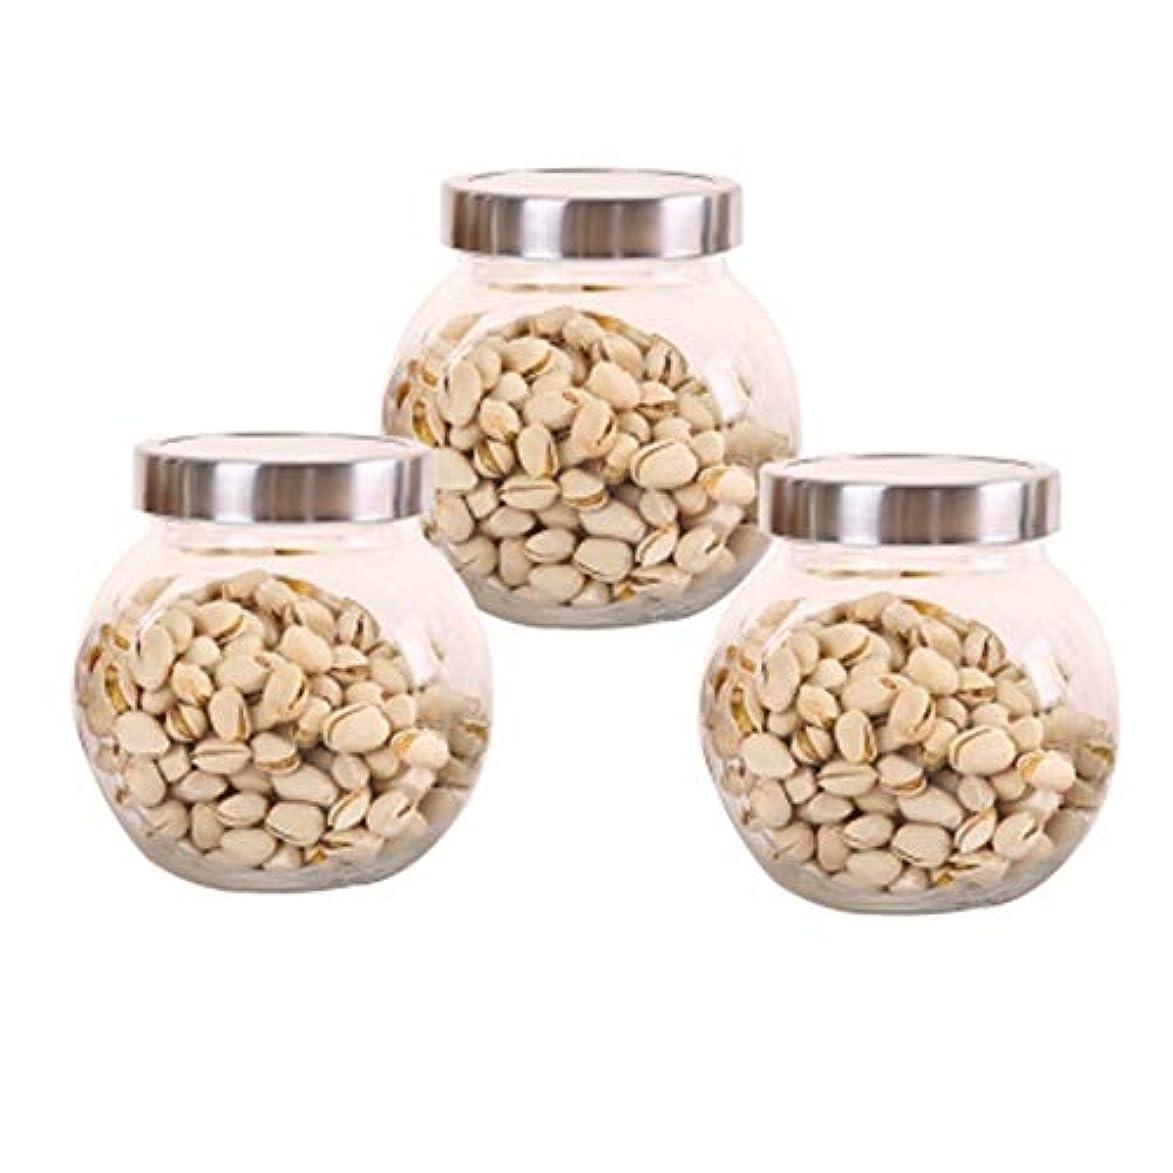 チェス反響するビタミン3つの鉛フリーガラスドライフルーツシールの保湿ストレージジャーのストレージジャーパック(3パック)